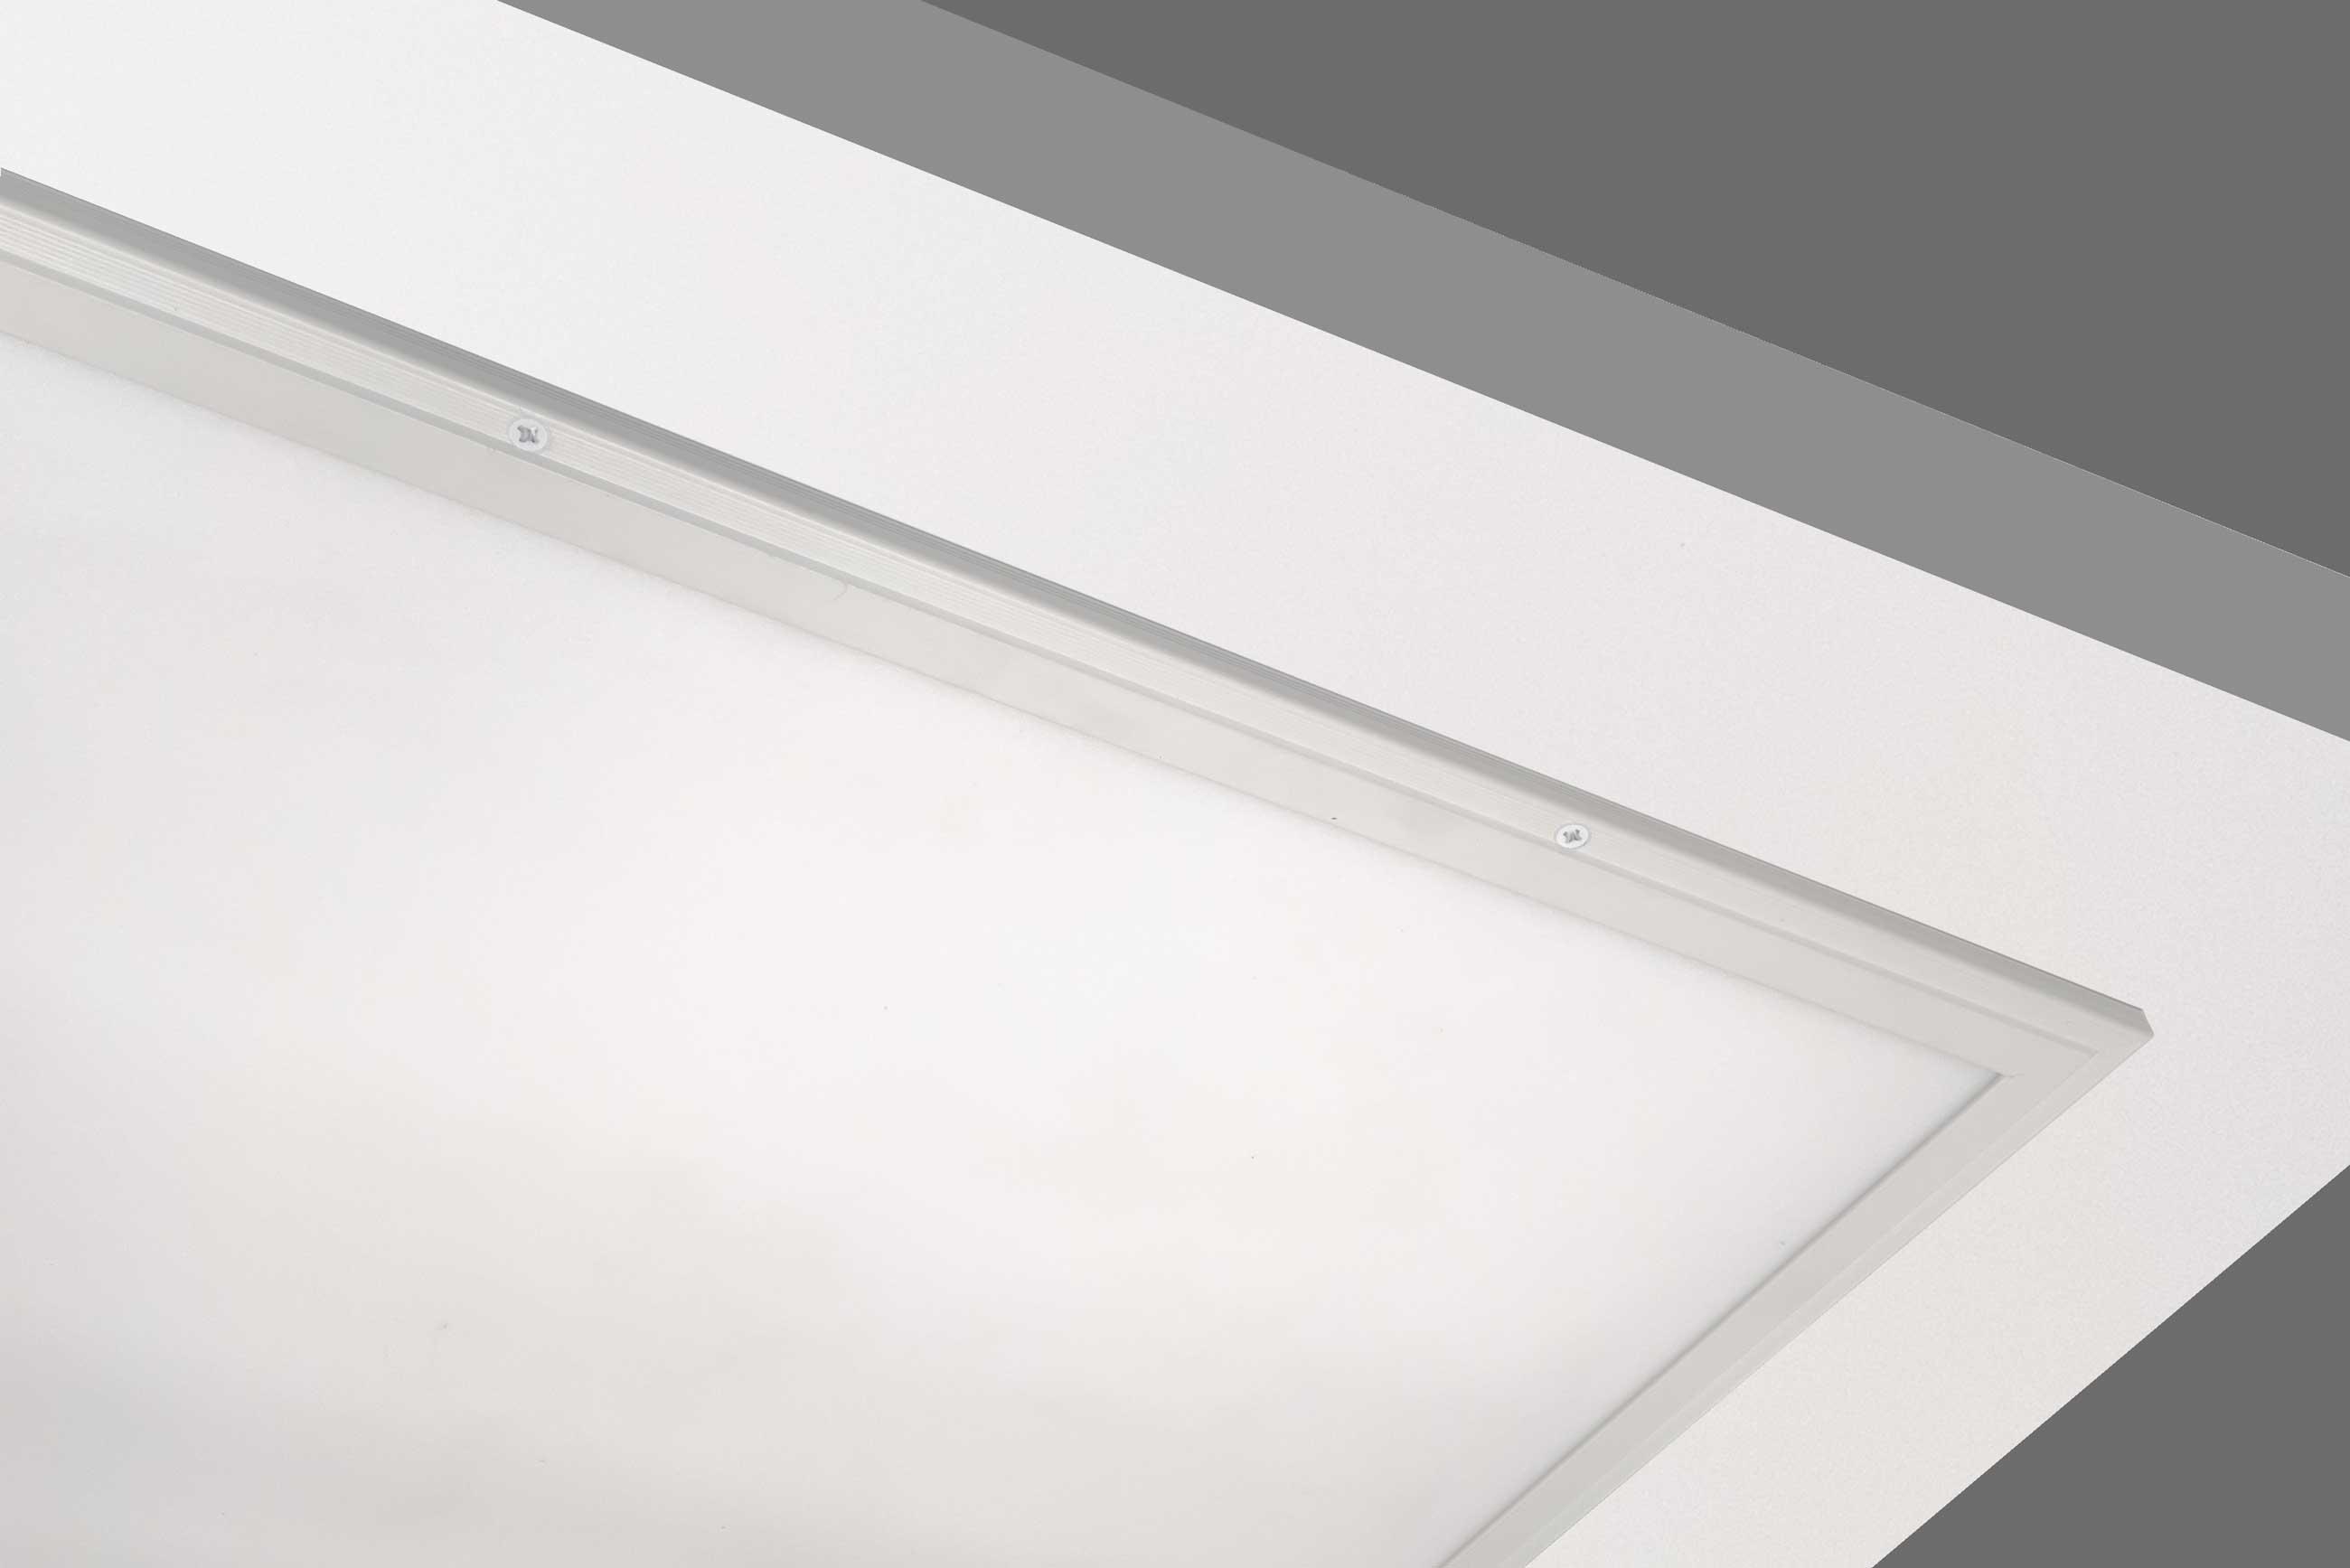 panel led inactinico combinado blanco y rojo ip65. Black Bedroom Furniture Sets. Home Design Ideas